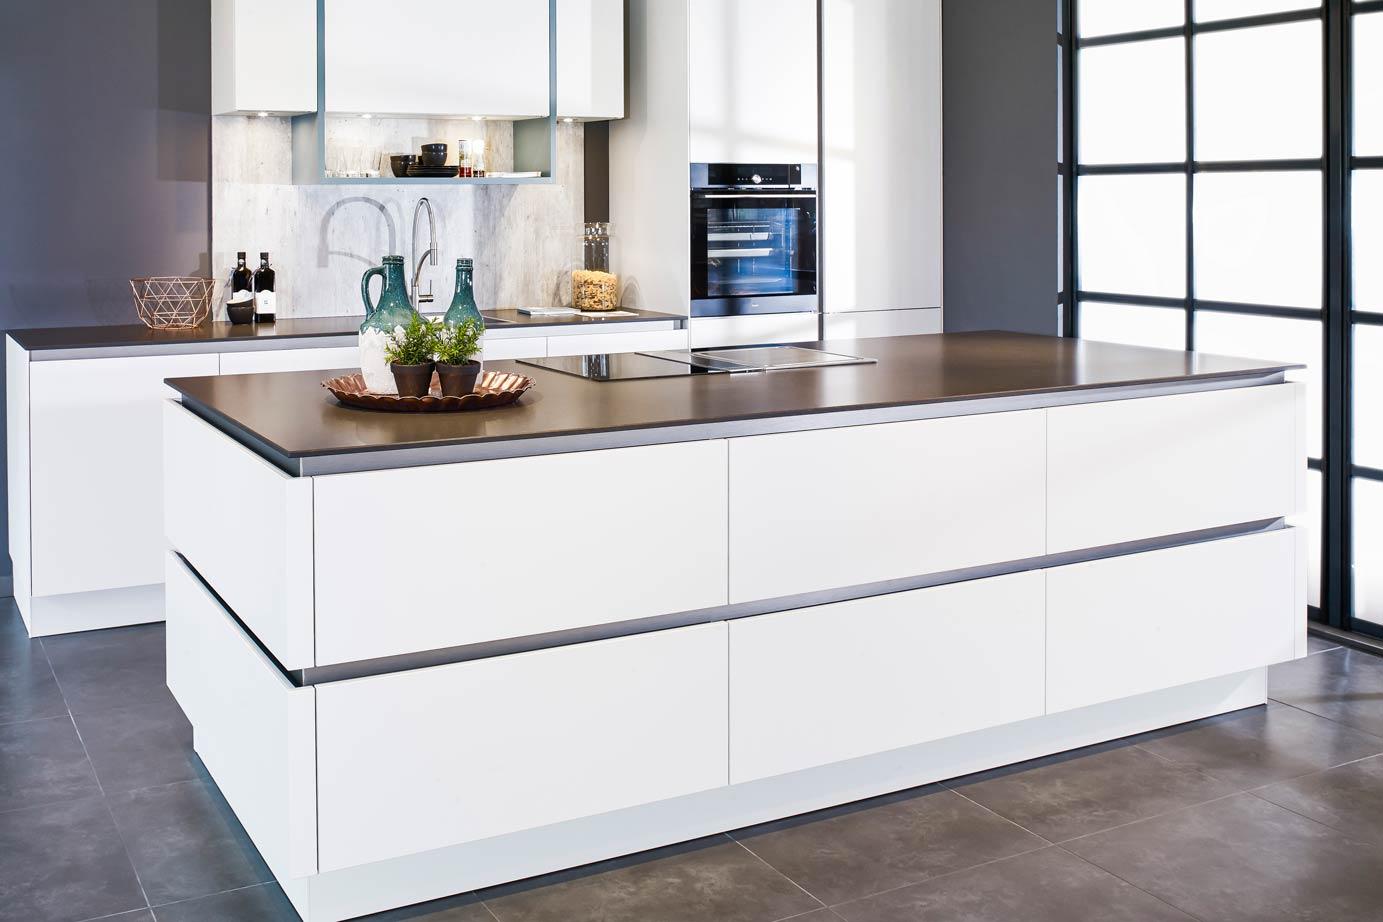 Witte keukens  Ons doel  keukens met  u2018n 9+   Arma